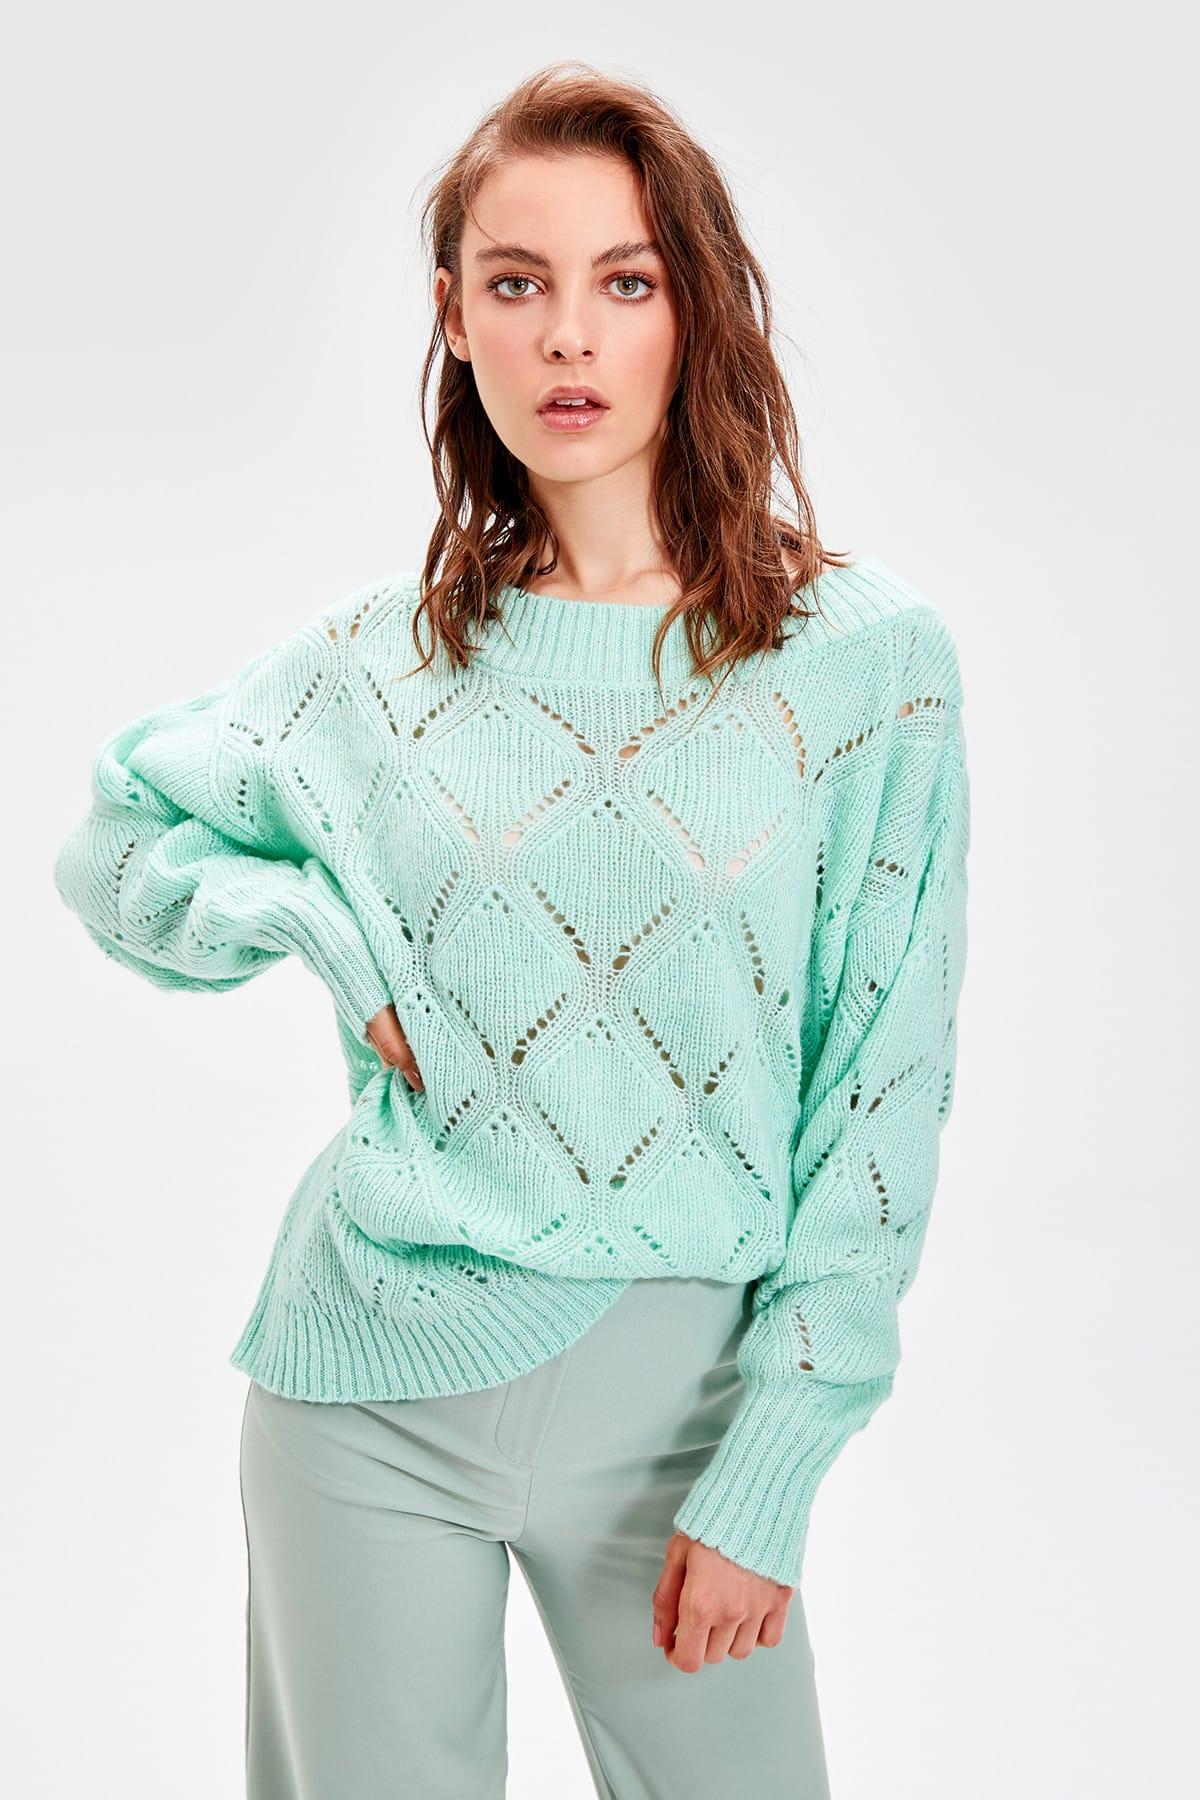 Trendyol WOMEN-Mint Boat Neckline Cellular Knitwear Sweater TWOAW20ZA0010